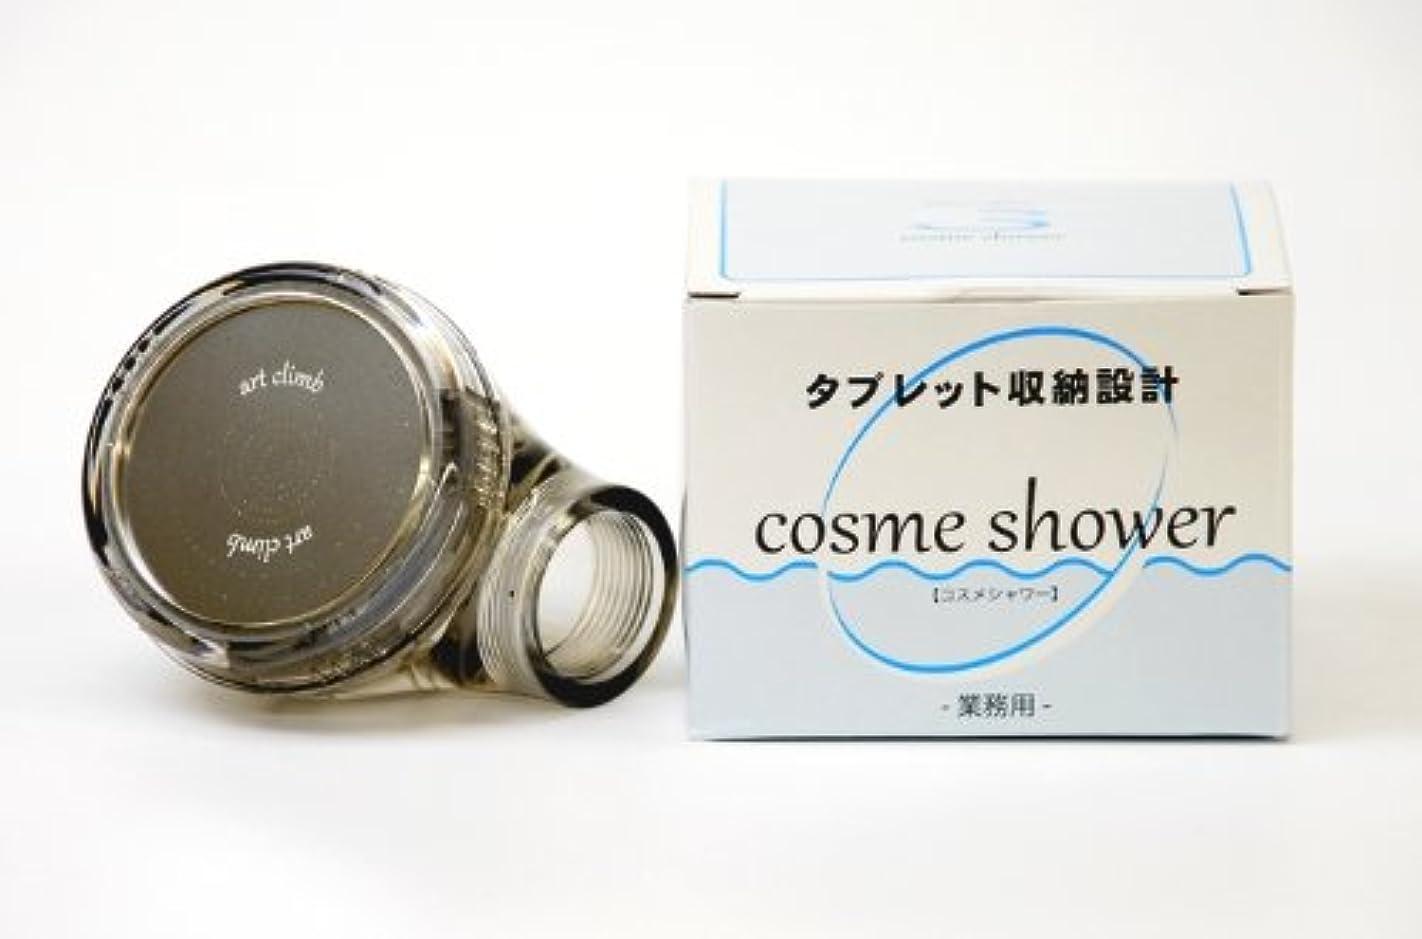 フォルダ受取人一タブレット収納設計 cosme shower コスメシャワー 業務用